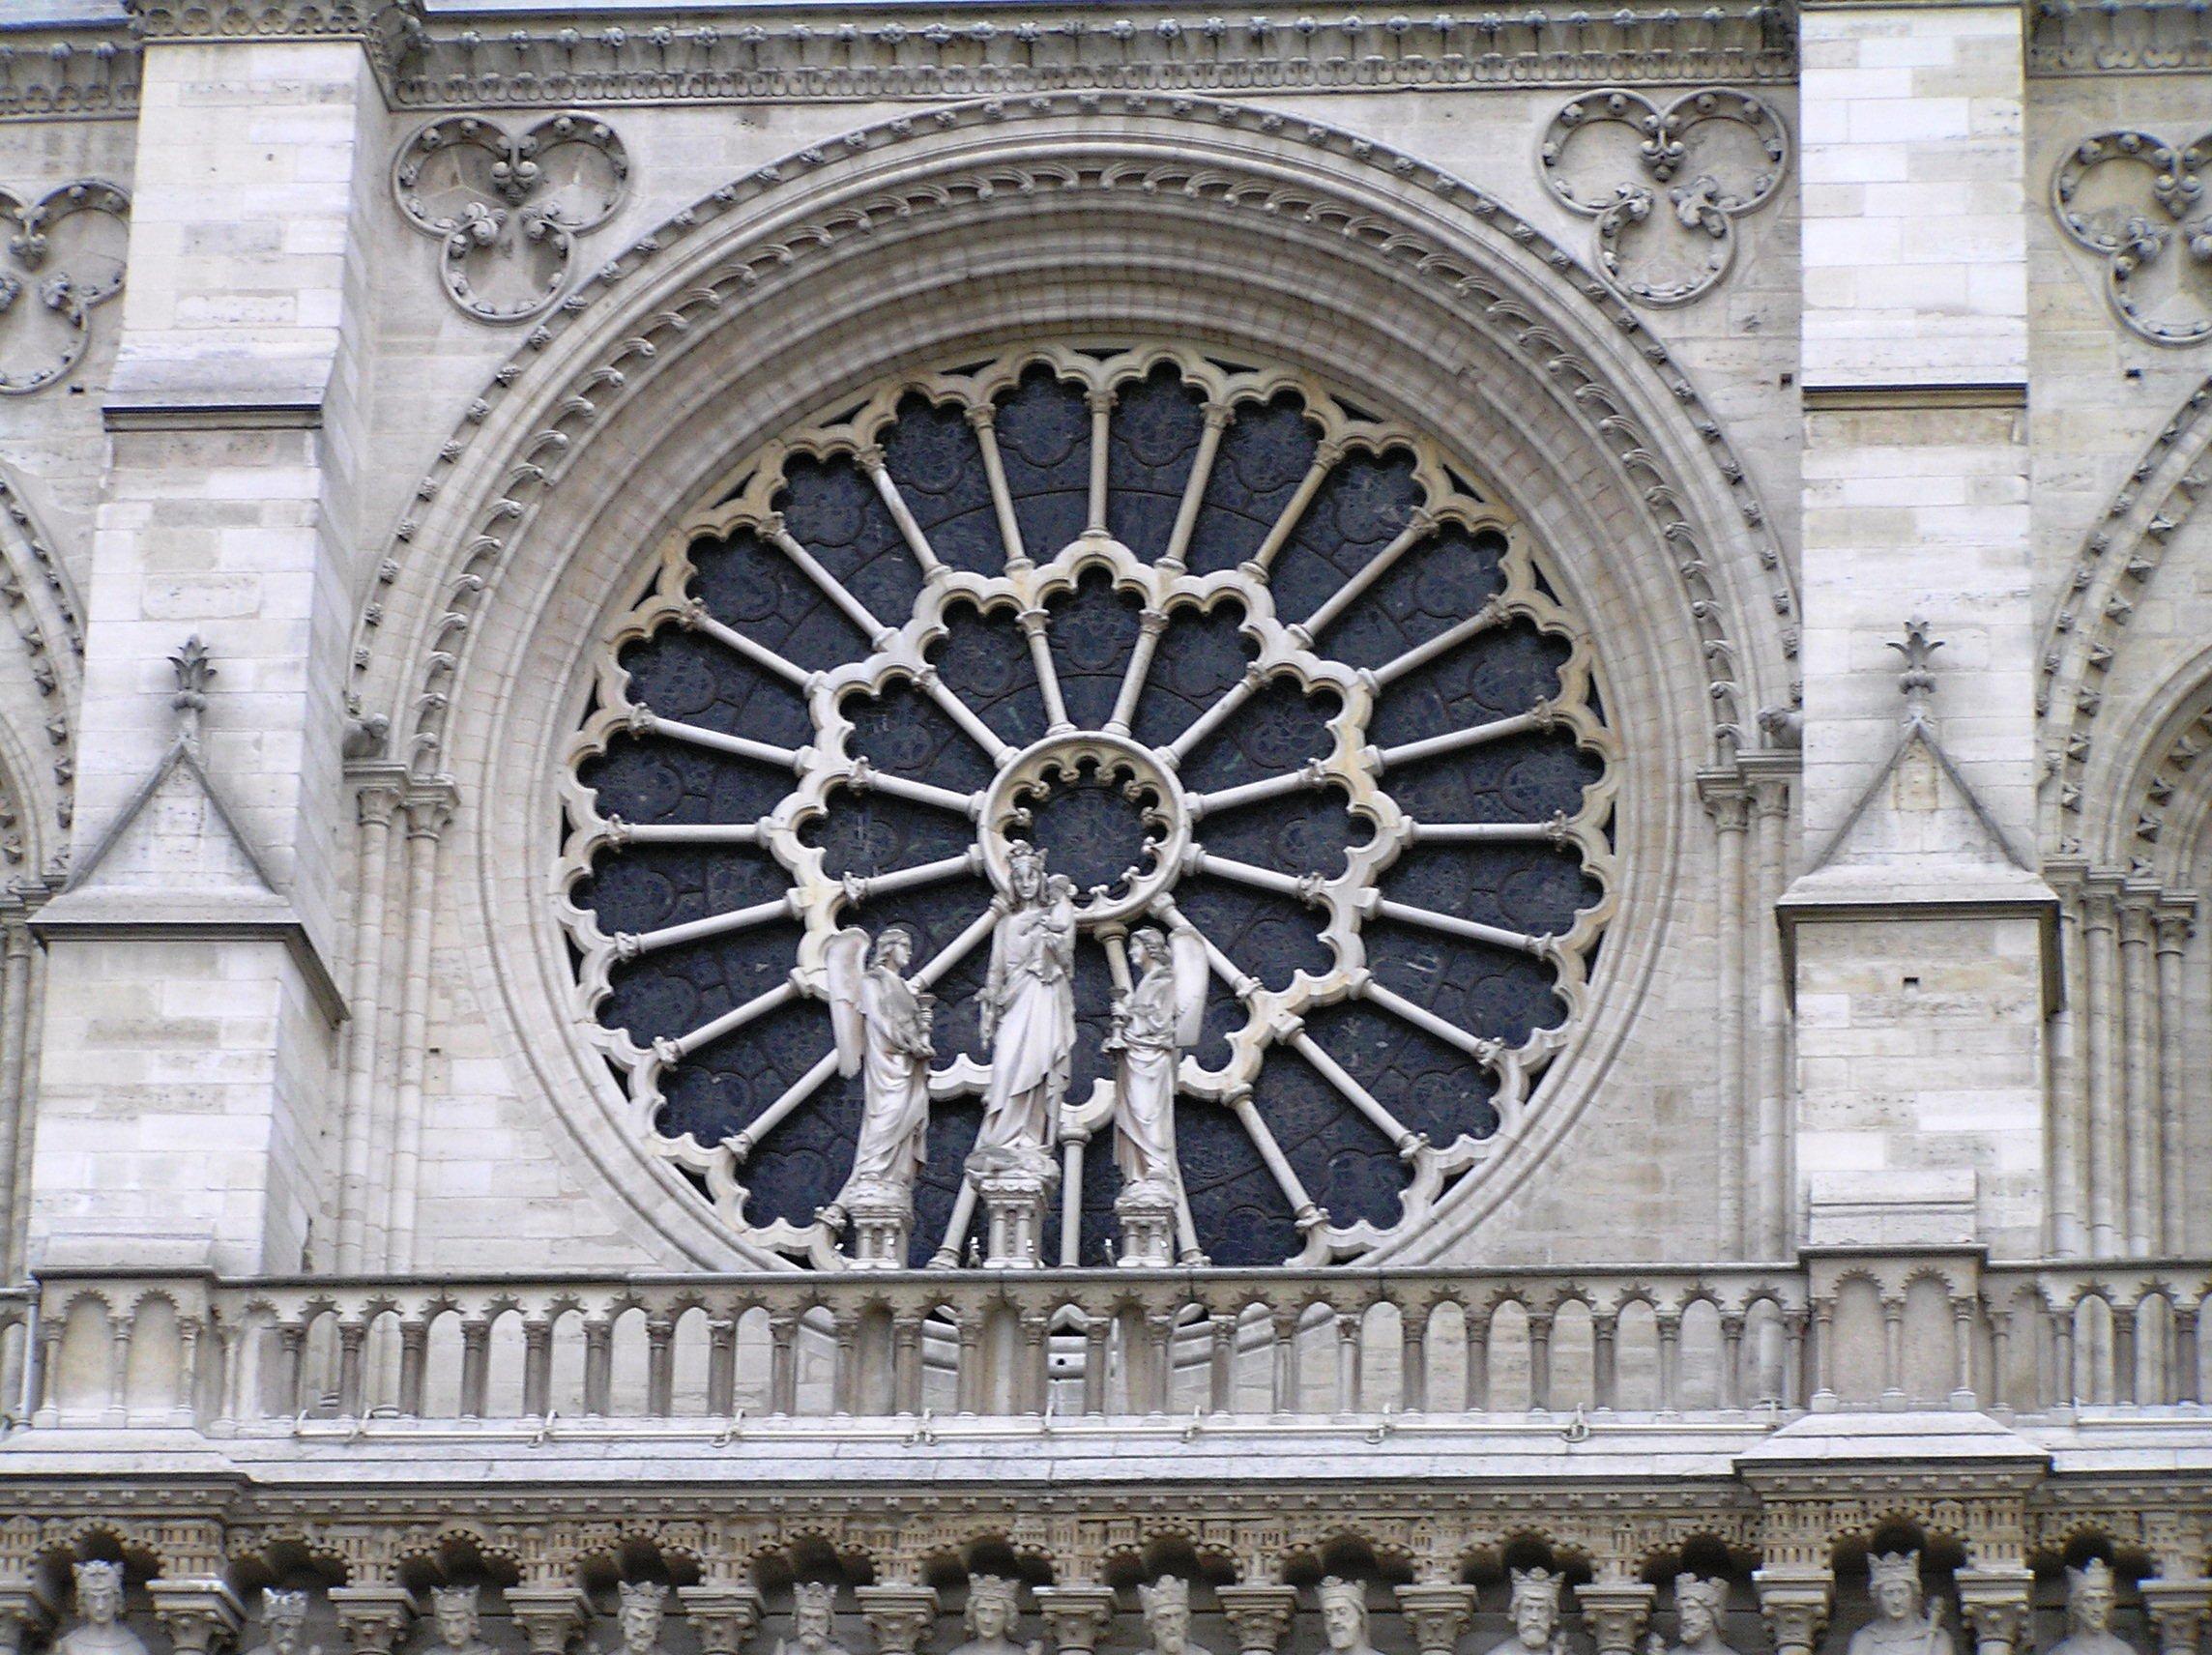 Francie - Paříž - Notre Dame, rozetové okno s Pannou Marií na západním průčelí katedrály